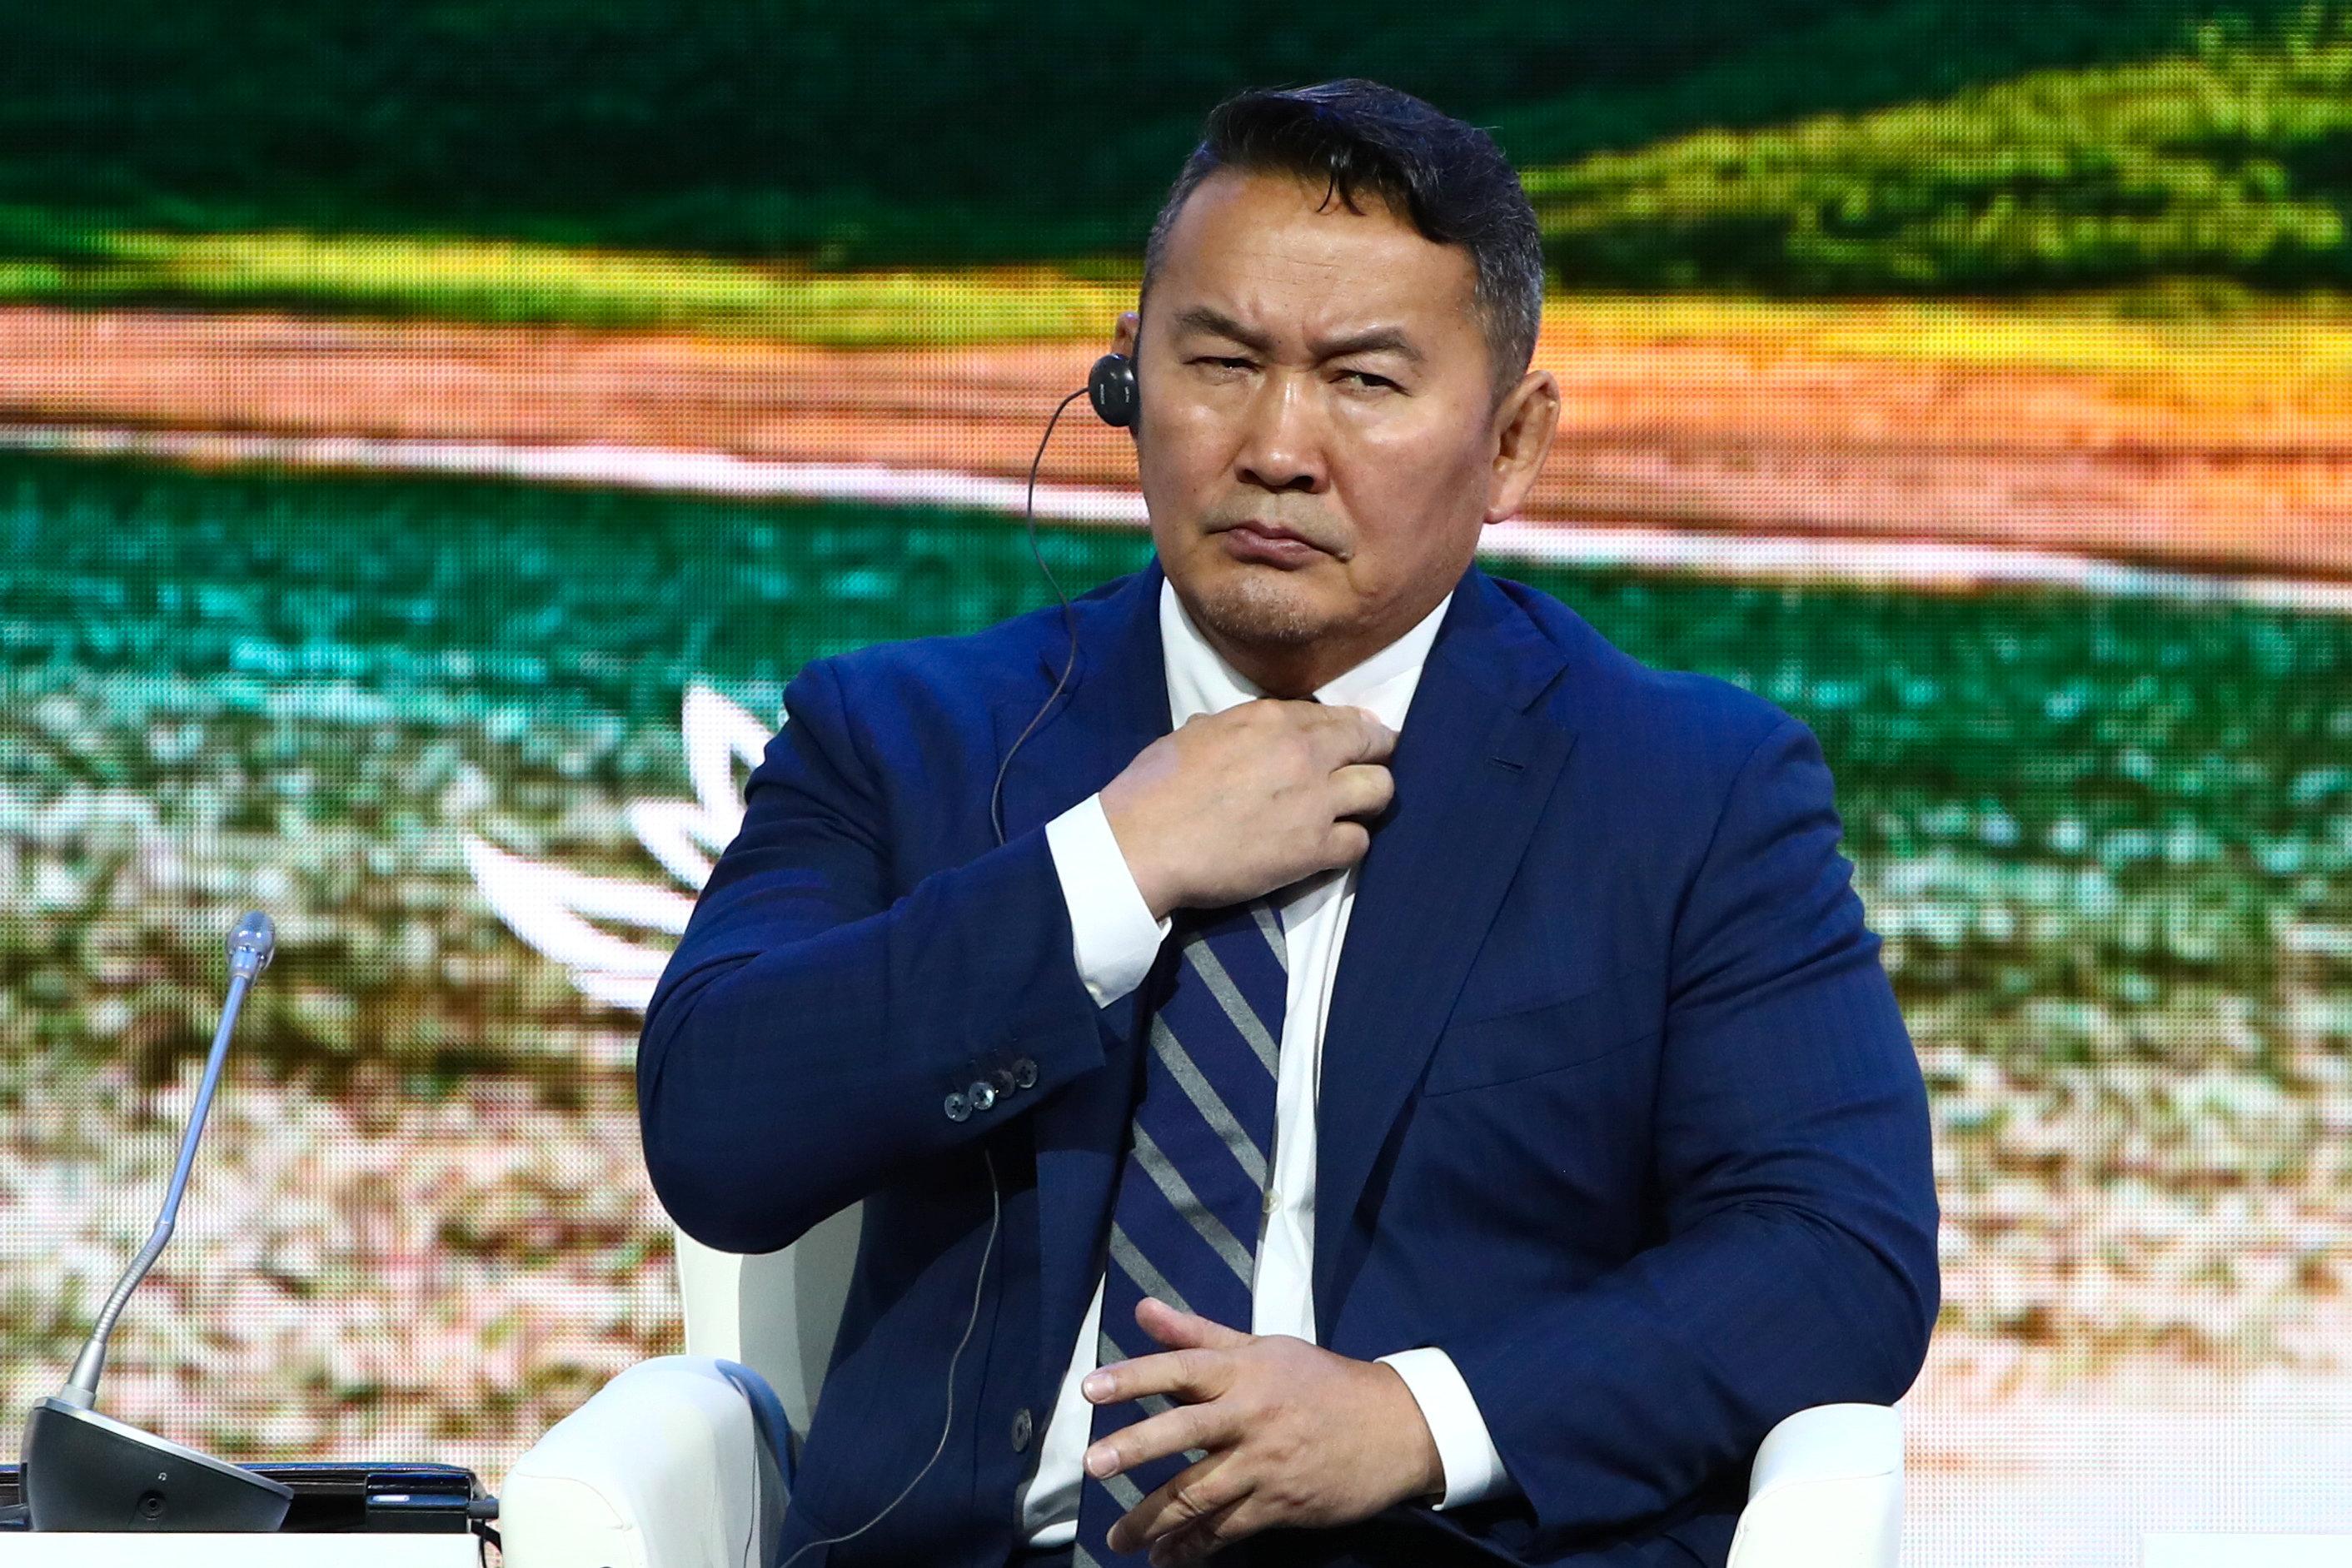 9 - رئيس منغوليا Khaltmaagiin Battulga يحضر المنتدى الاقتصادي الشرقي في فلاديفوستوك